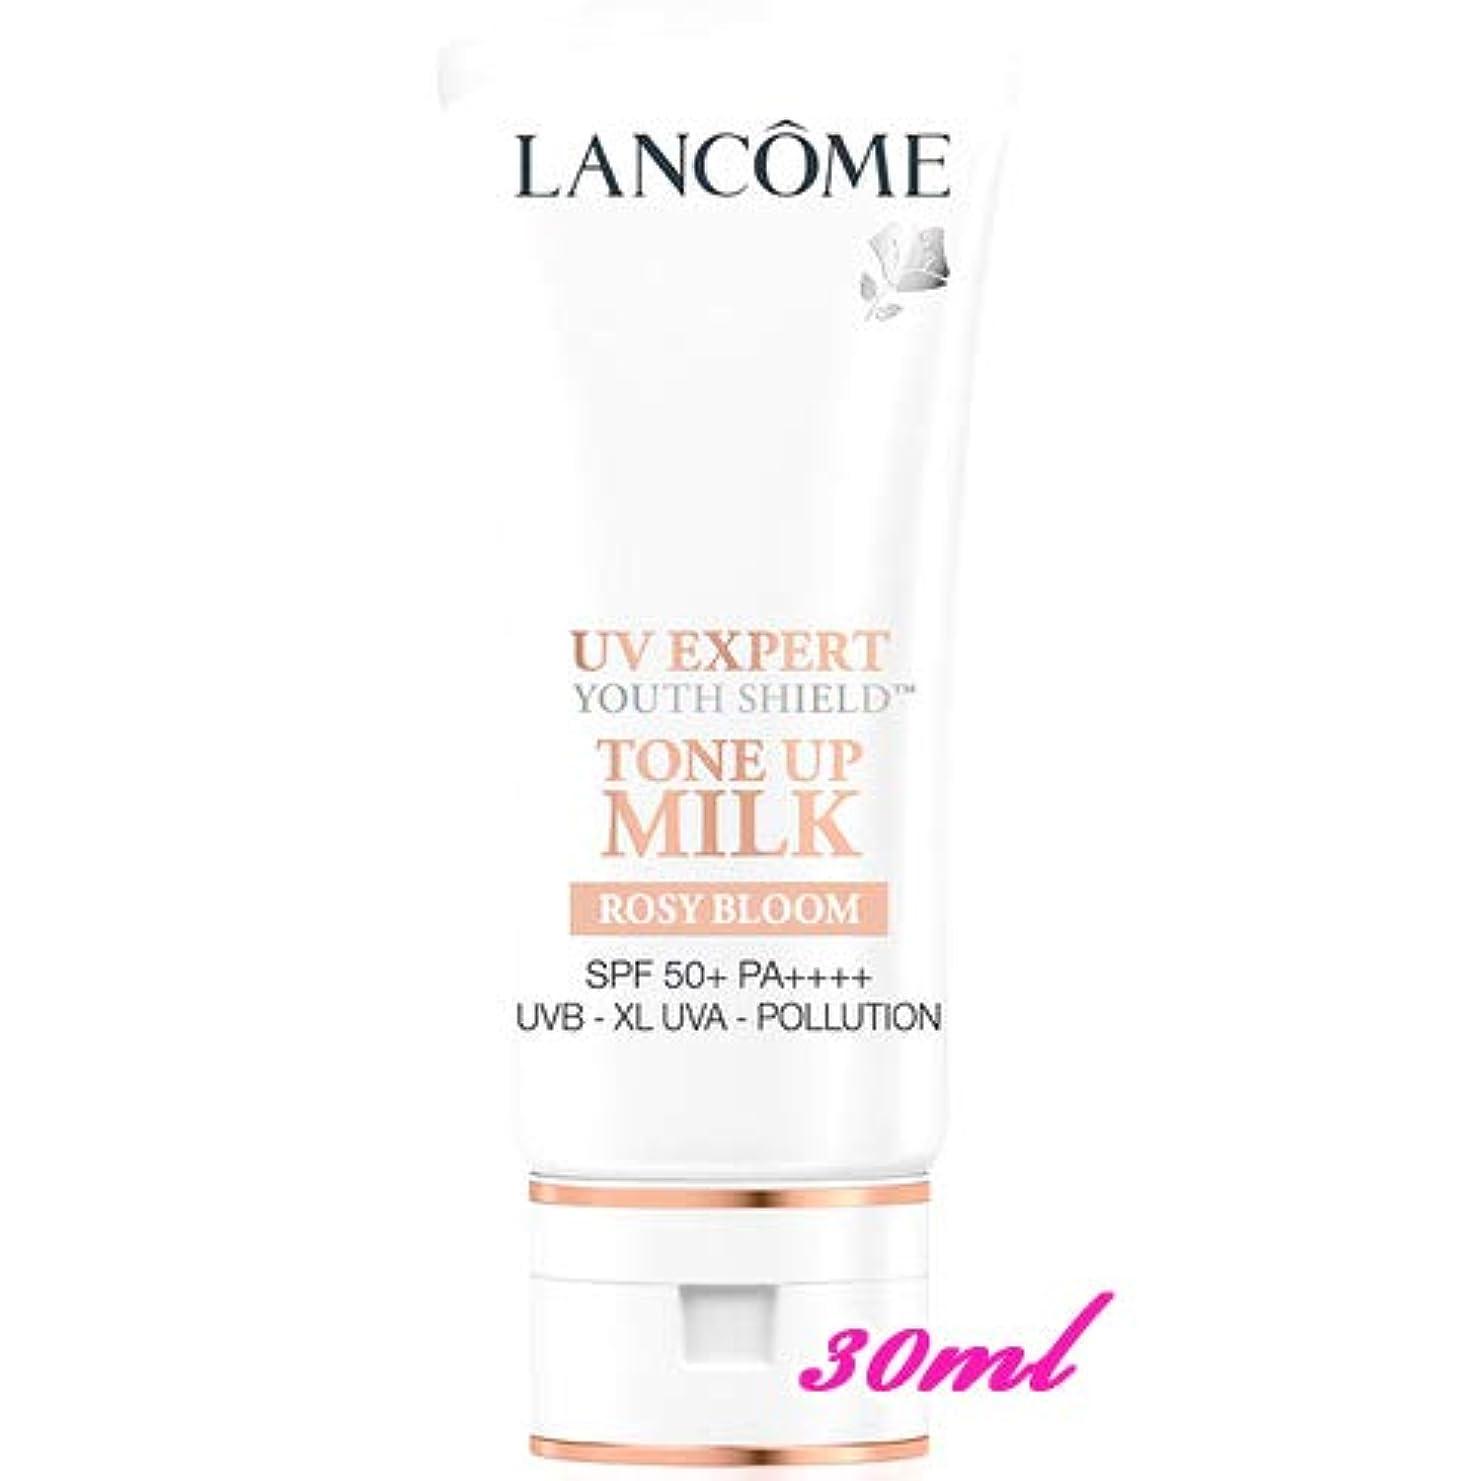 交じる薬用膿瘍LANCOME(ランコム) UV エクスペール トーン アップ ローズ 30mL